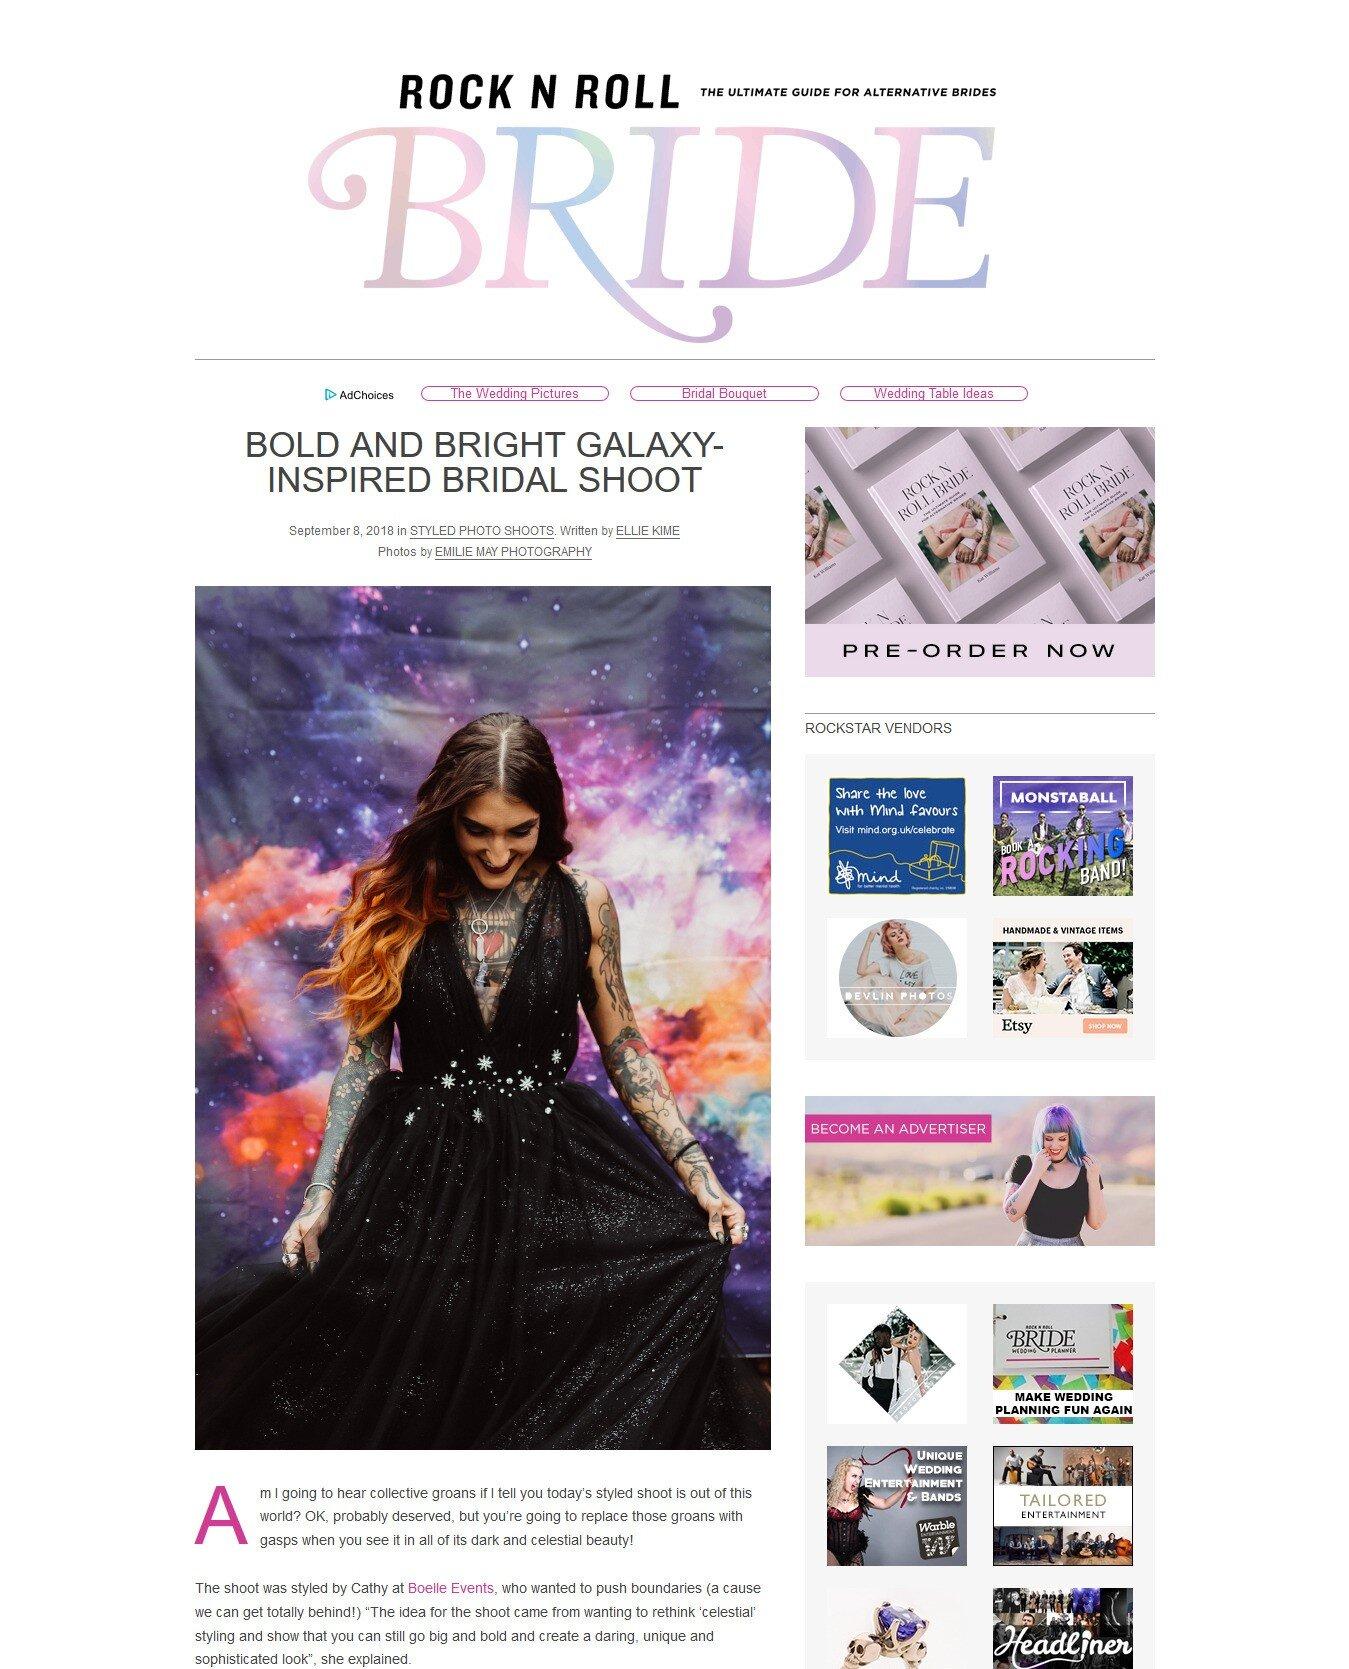 Bold-and-Bright-Galaxy-Inspired-Bridal-Shoot.jpg